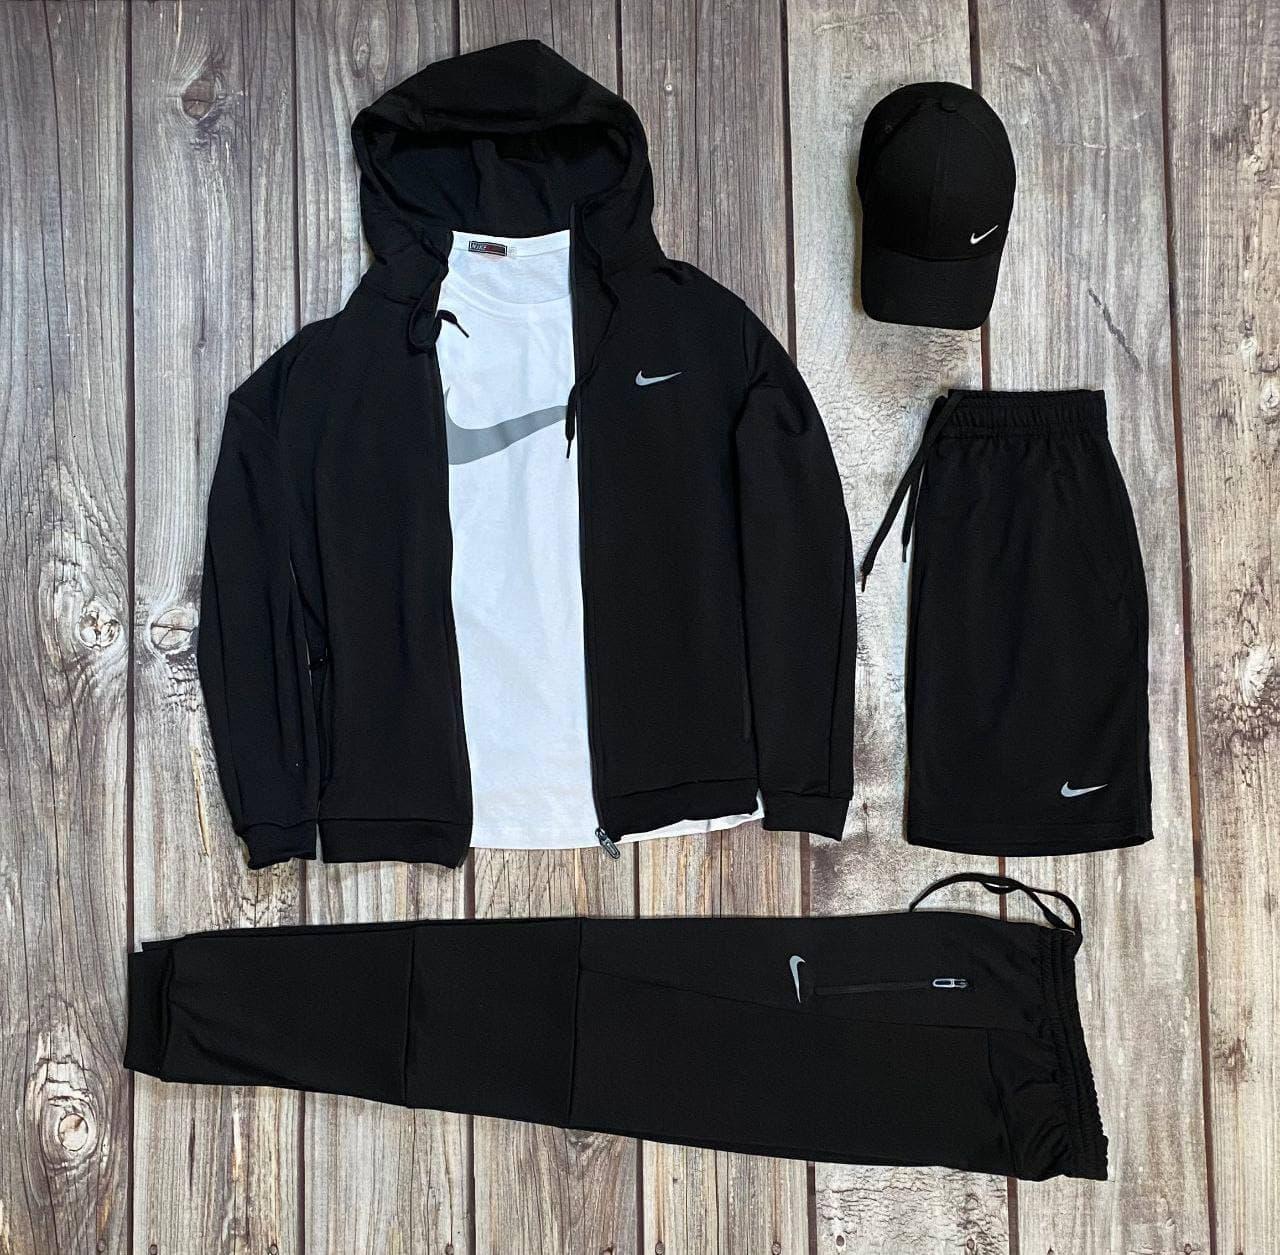 Чоловічий спортивний костюм Nike Revival